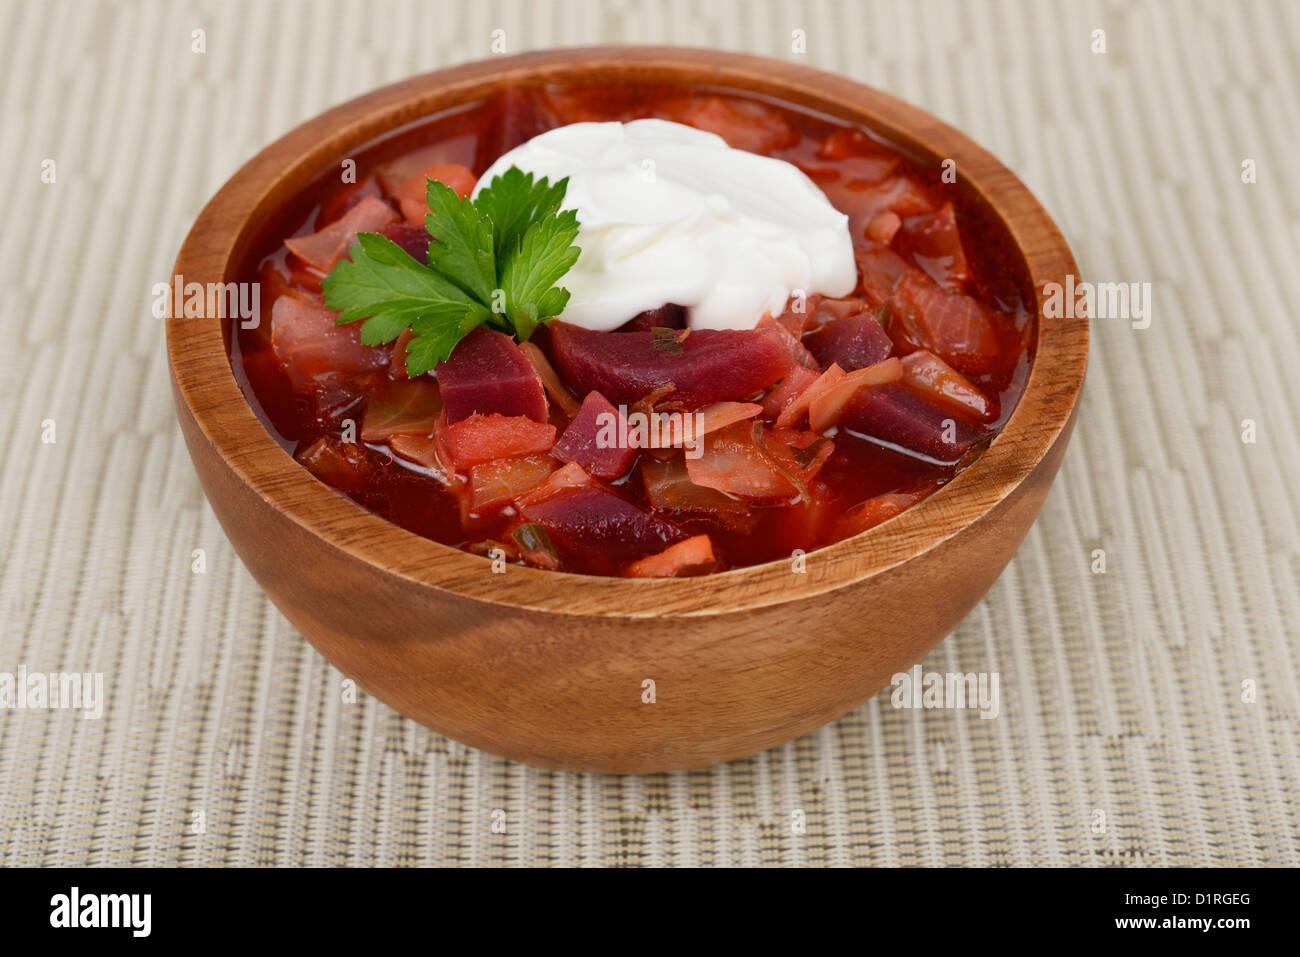 Federación Borscht, sopa de remolacha, estofado Imagen De Stock